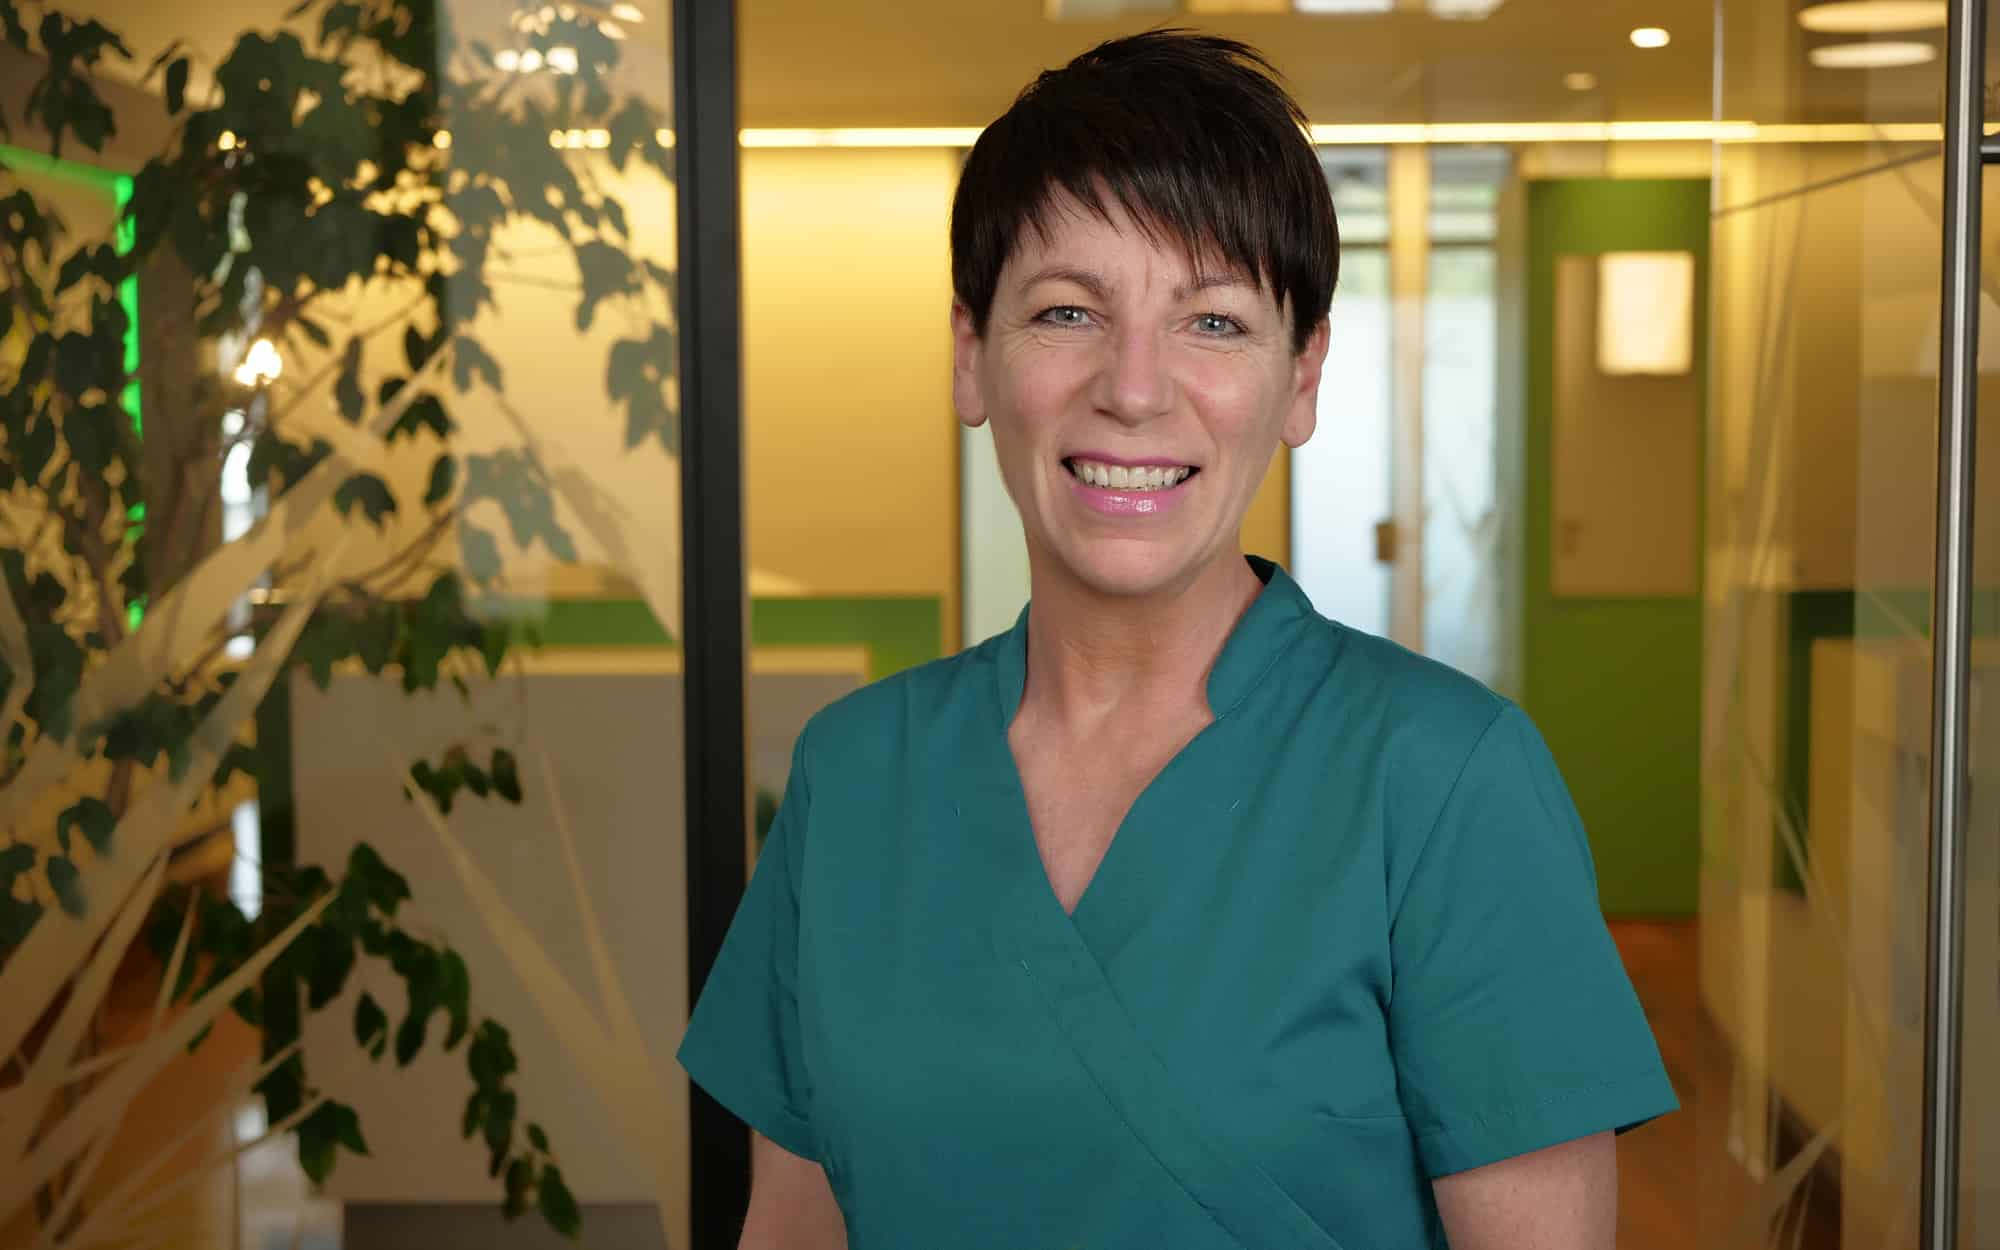 Kerstin Grothgar - Praxis-Management - Abrechnung und Verwaltung in der Zahnarztpraxis Dr. Wolfgang Gottwald in Koblenz